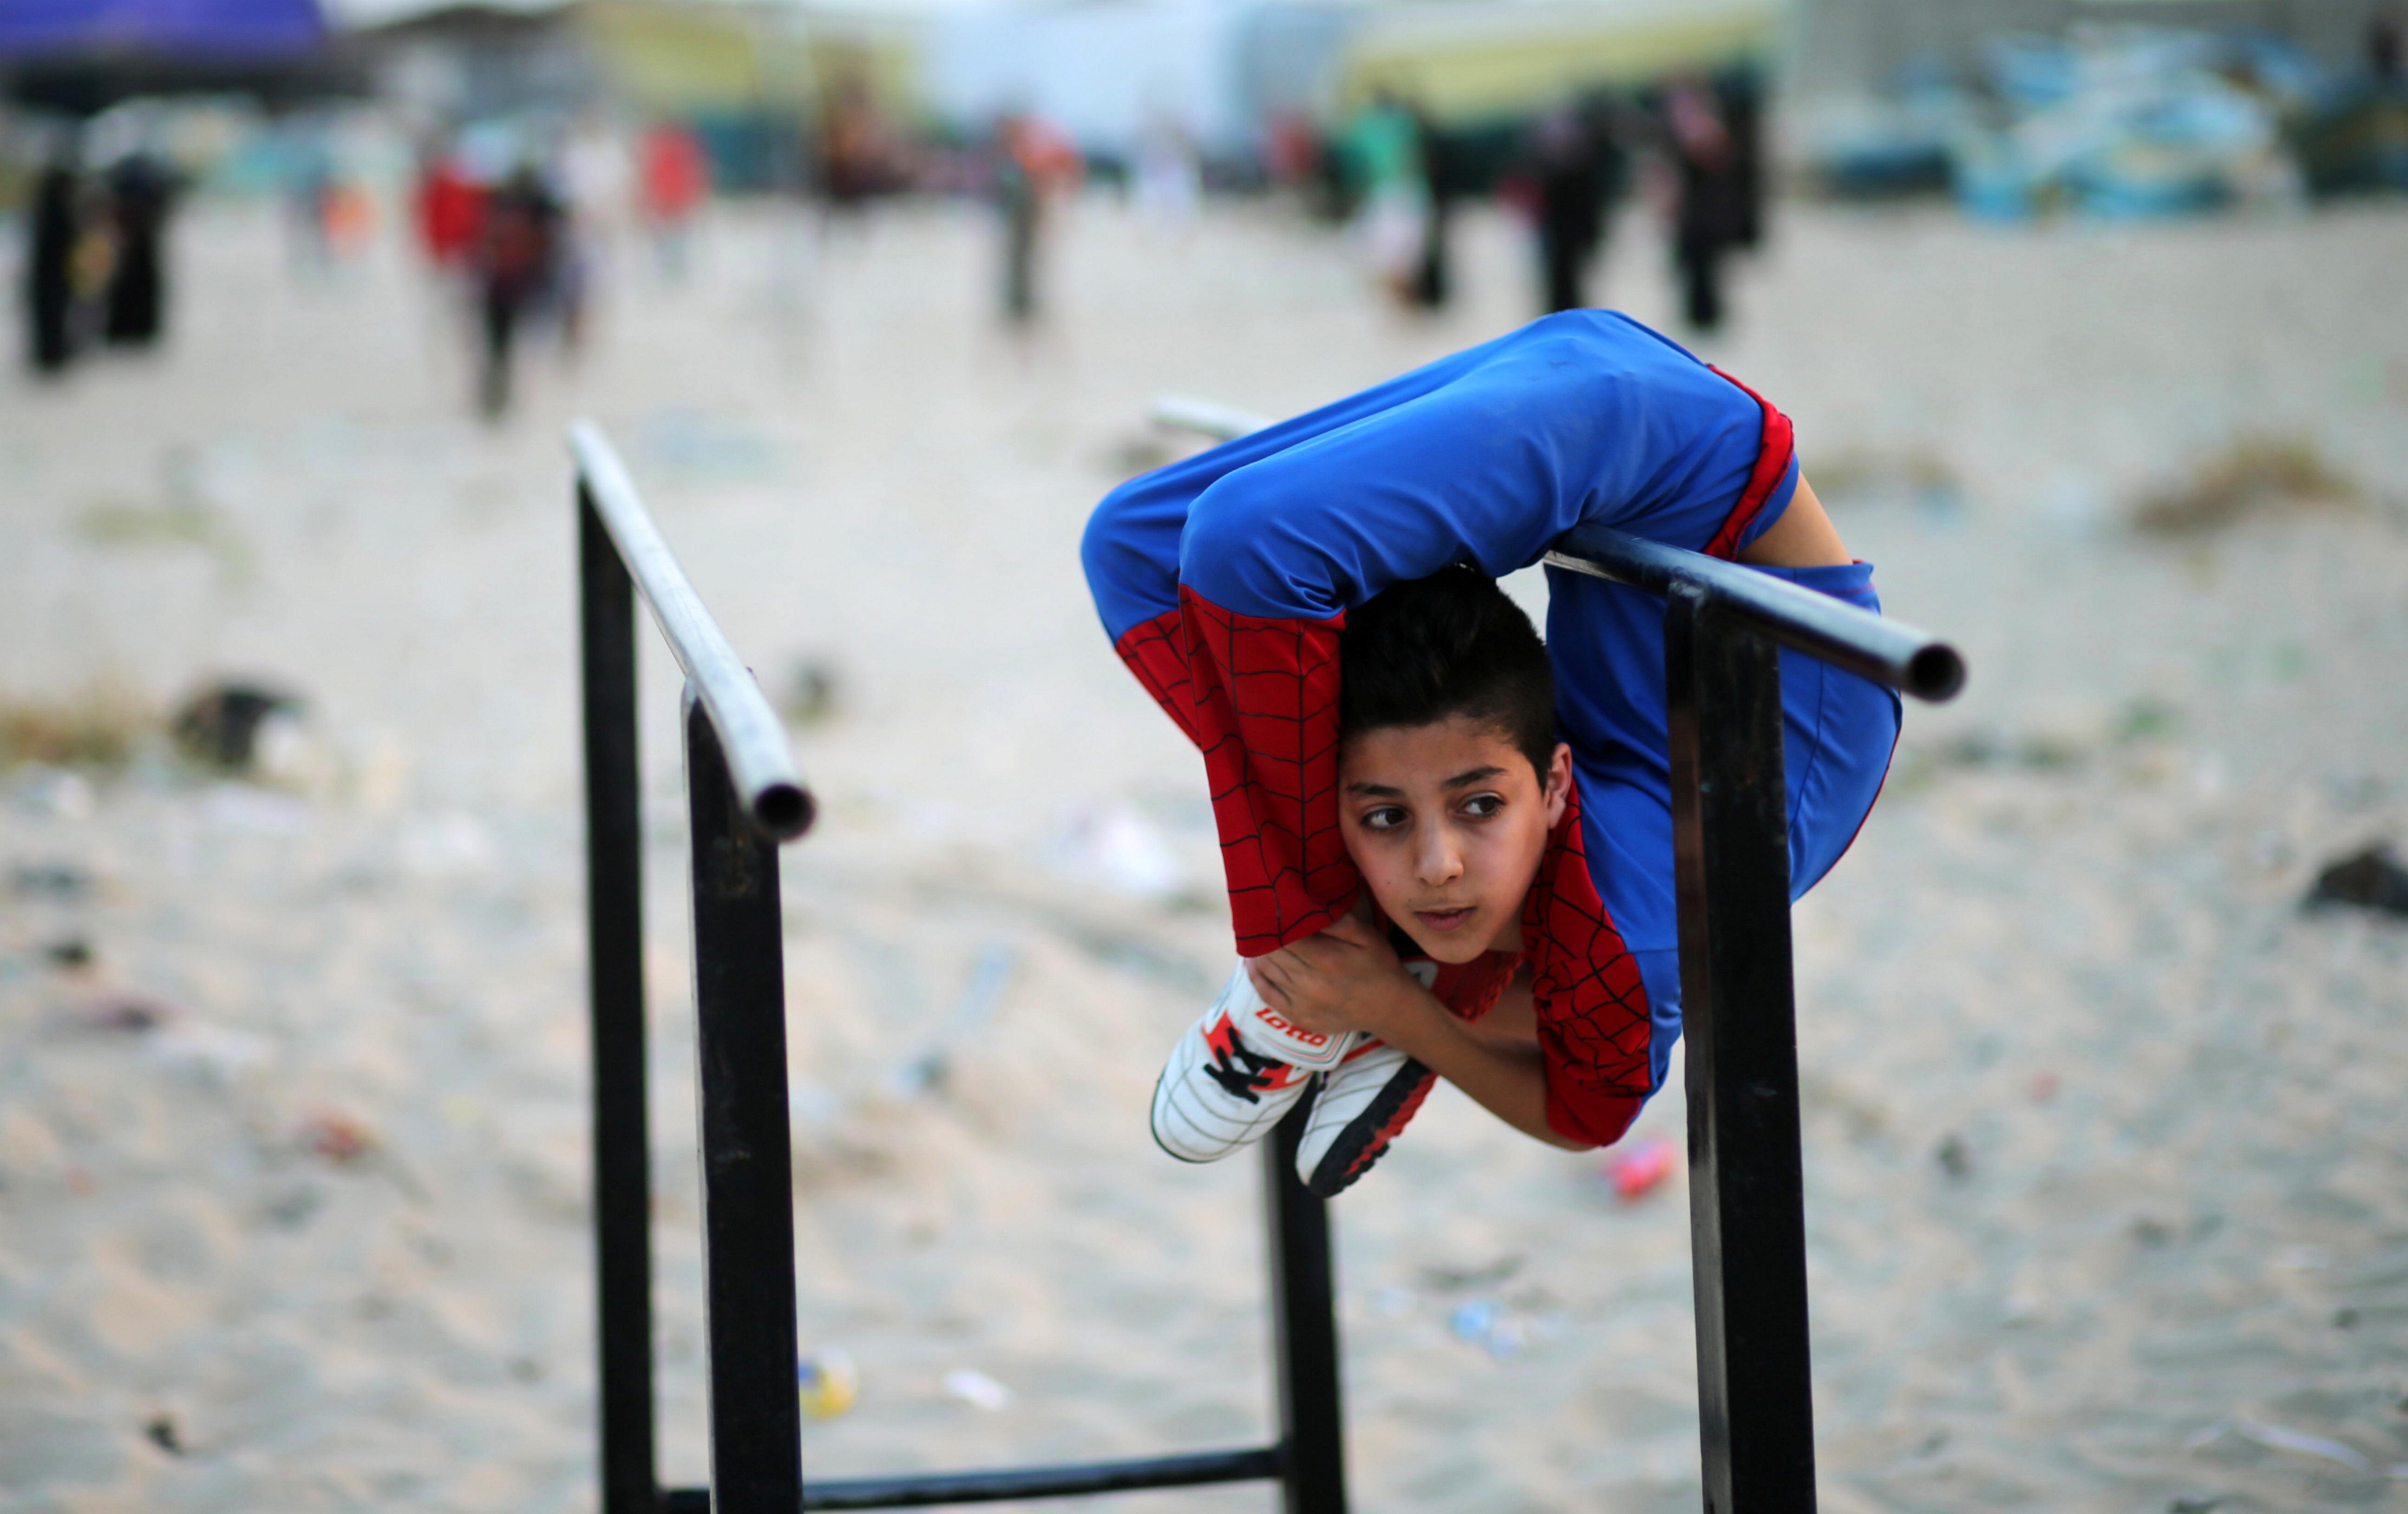 GAZA CITY, PALESTINA: 12 år gamle Mohamad al-Sheikh har tilnavnet «Spiderman», og håper på å komme seg i Guinness rekordbok med sine utrolige «gummimann»-egenskaper. FOTO: Mohammed Salem / NTB scanpix